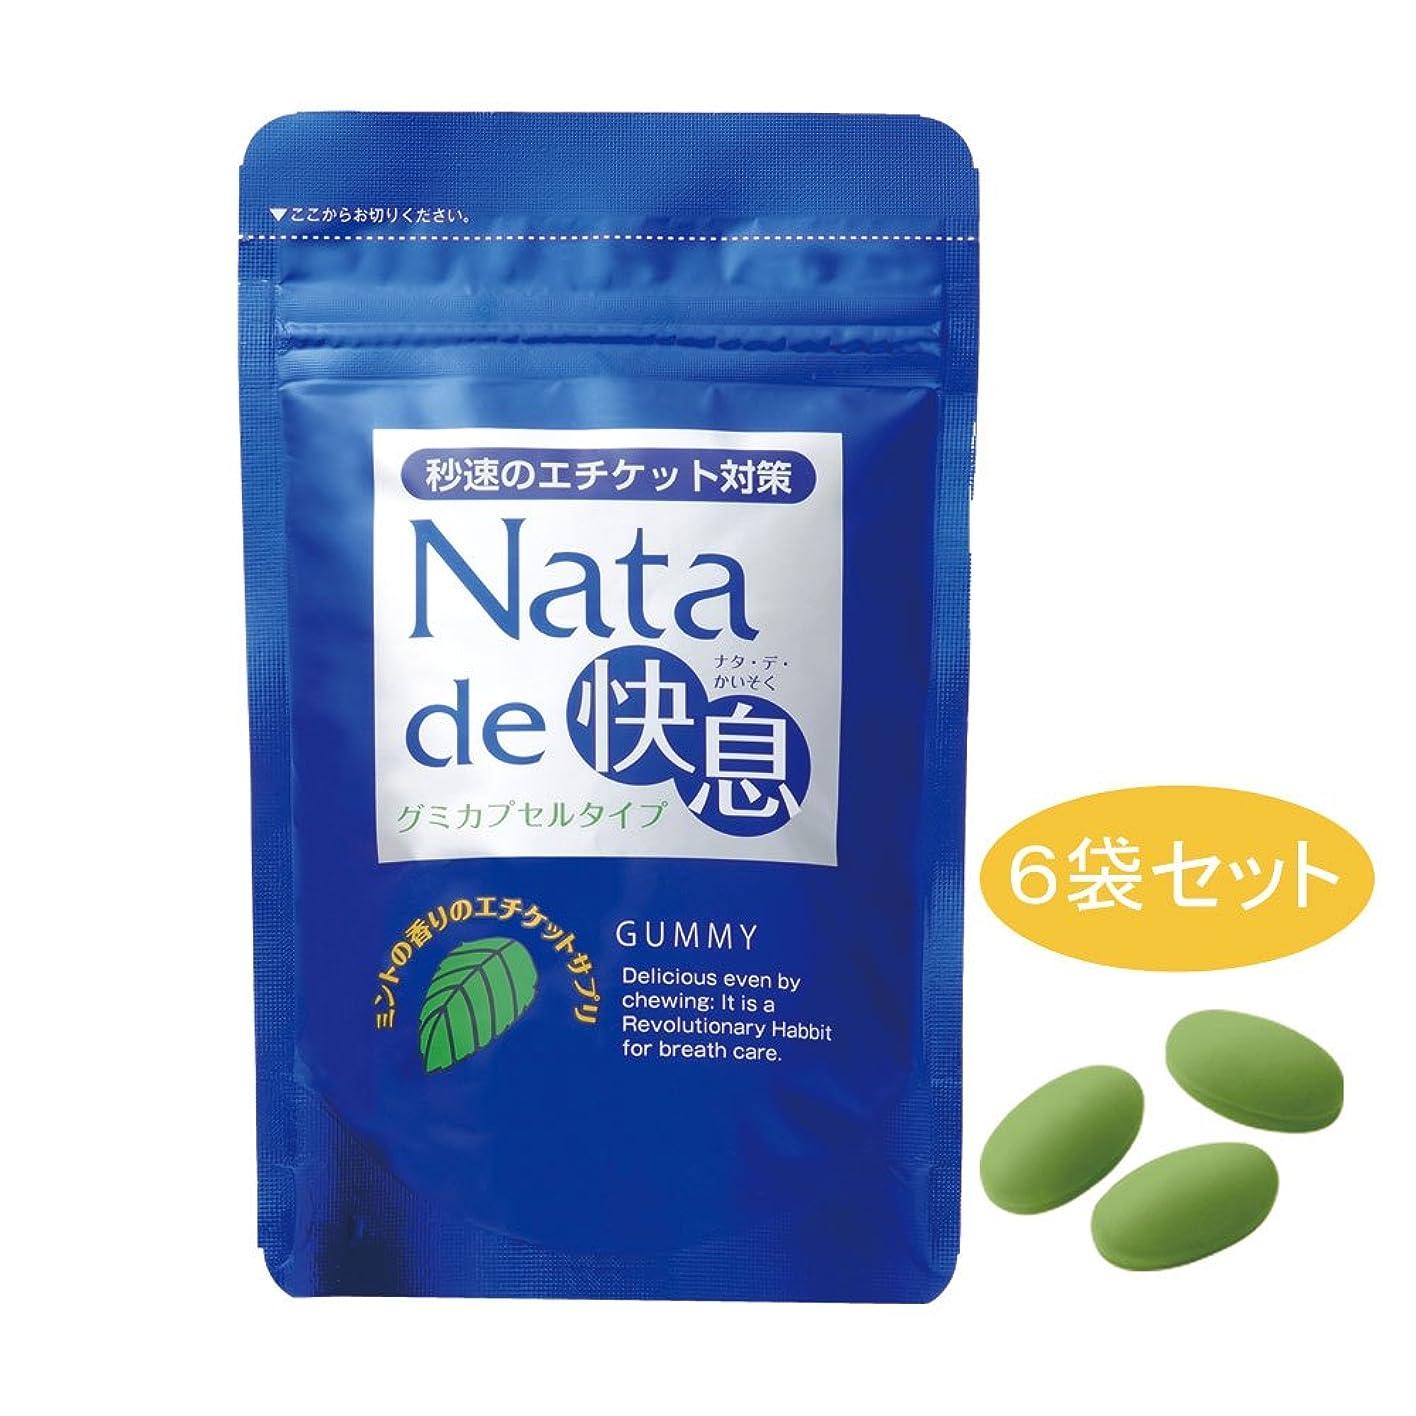 孤児信頼構成員ナタデ快息 ミントの香り 6袋セット